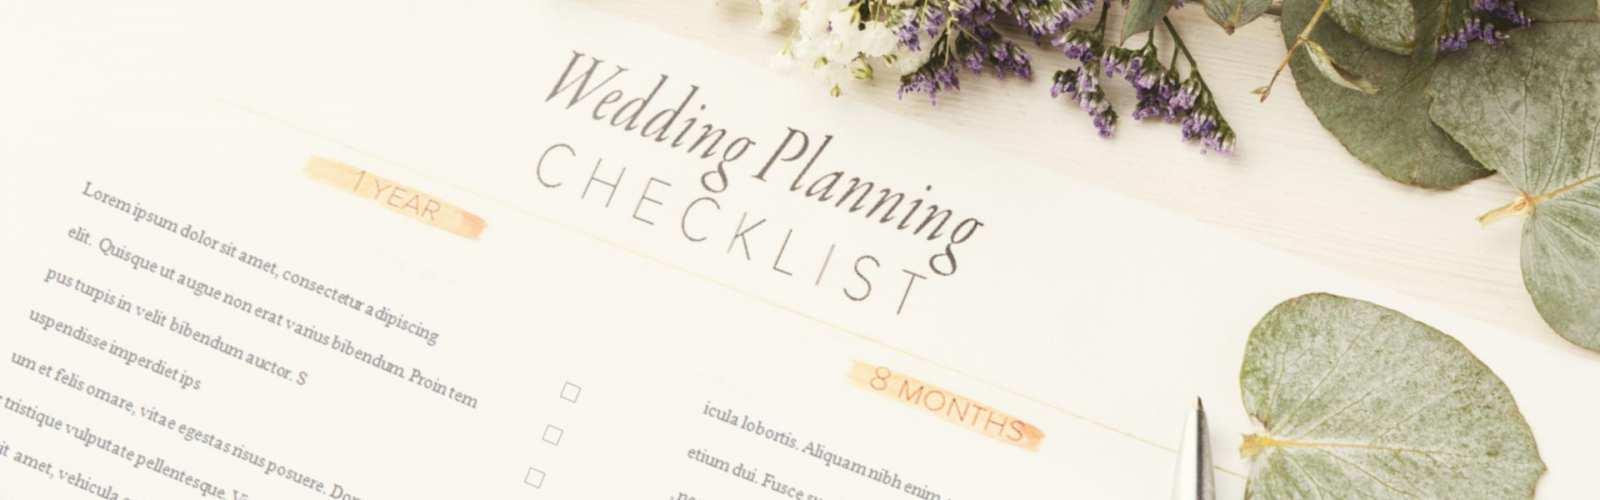 Consigli per organizzare un matrimonio perfetto